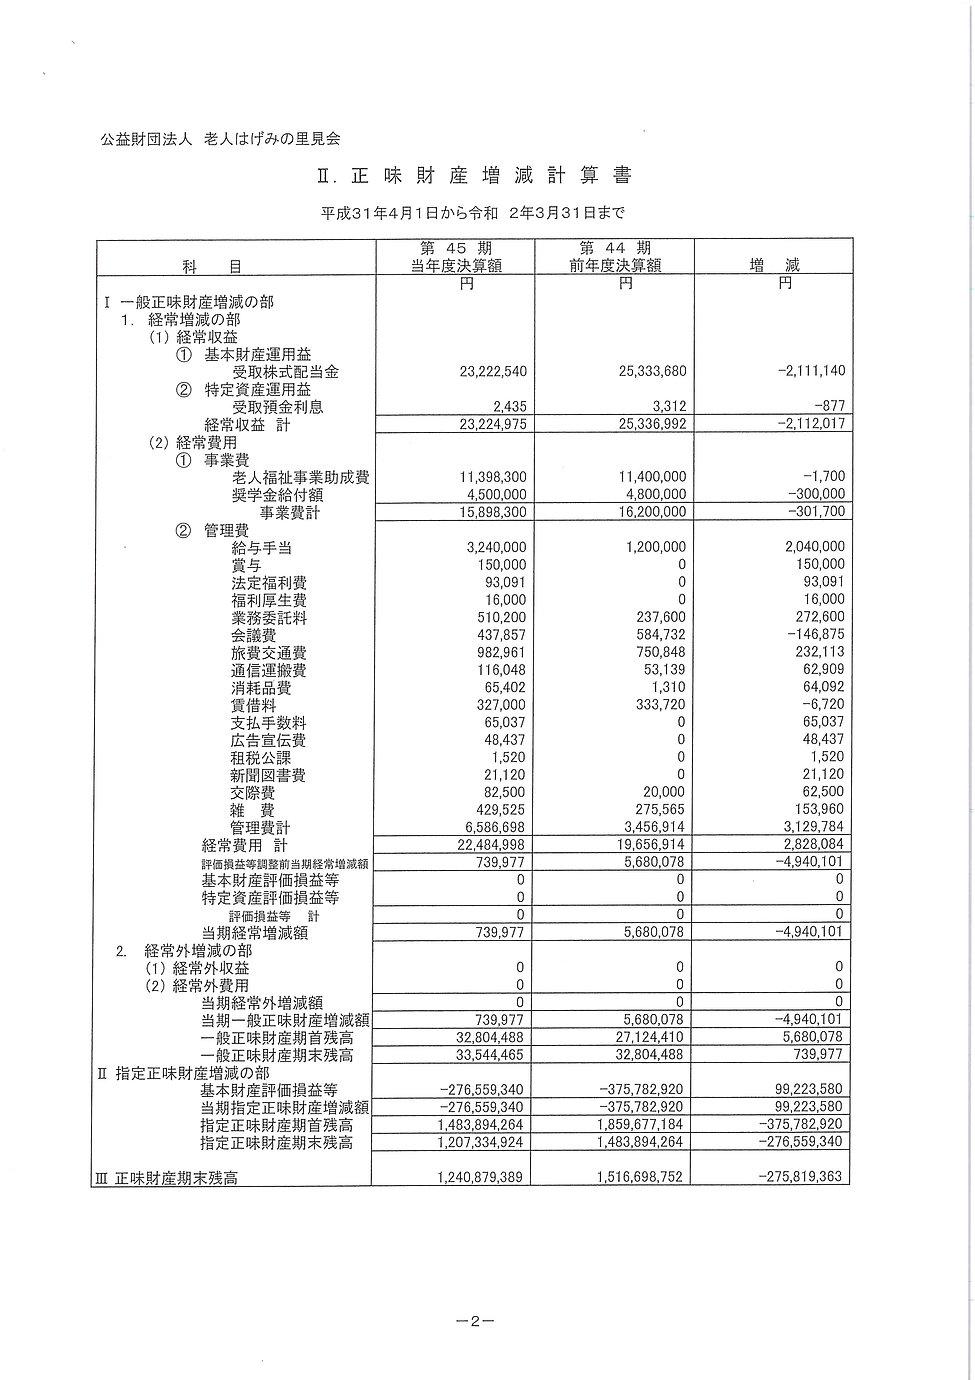 4 正味財産増減計算書.jpg